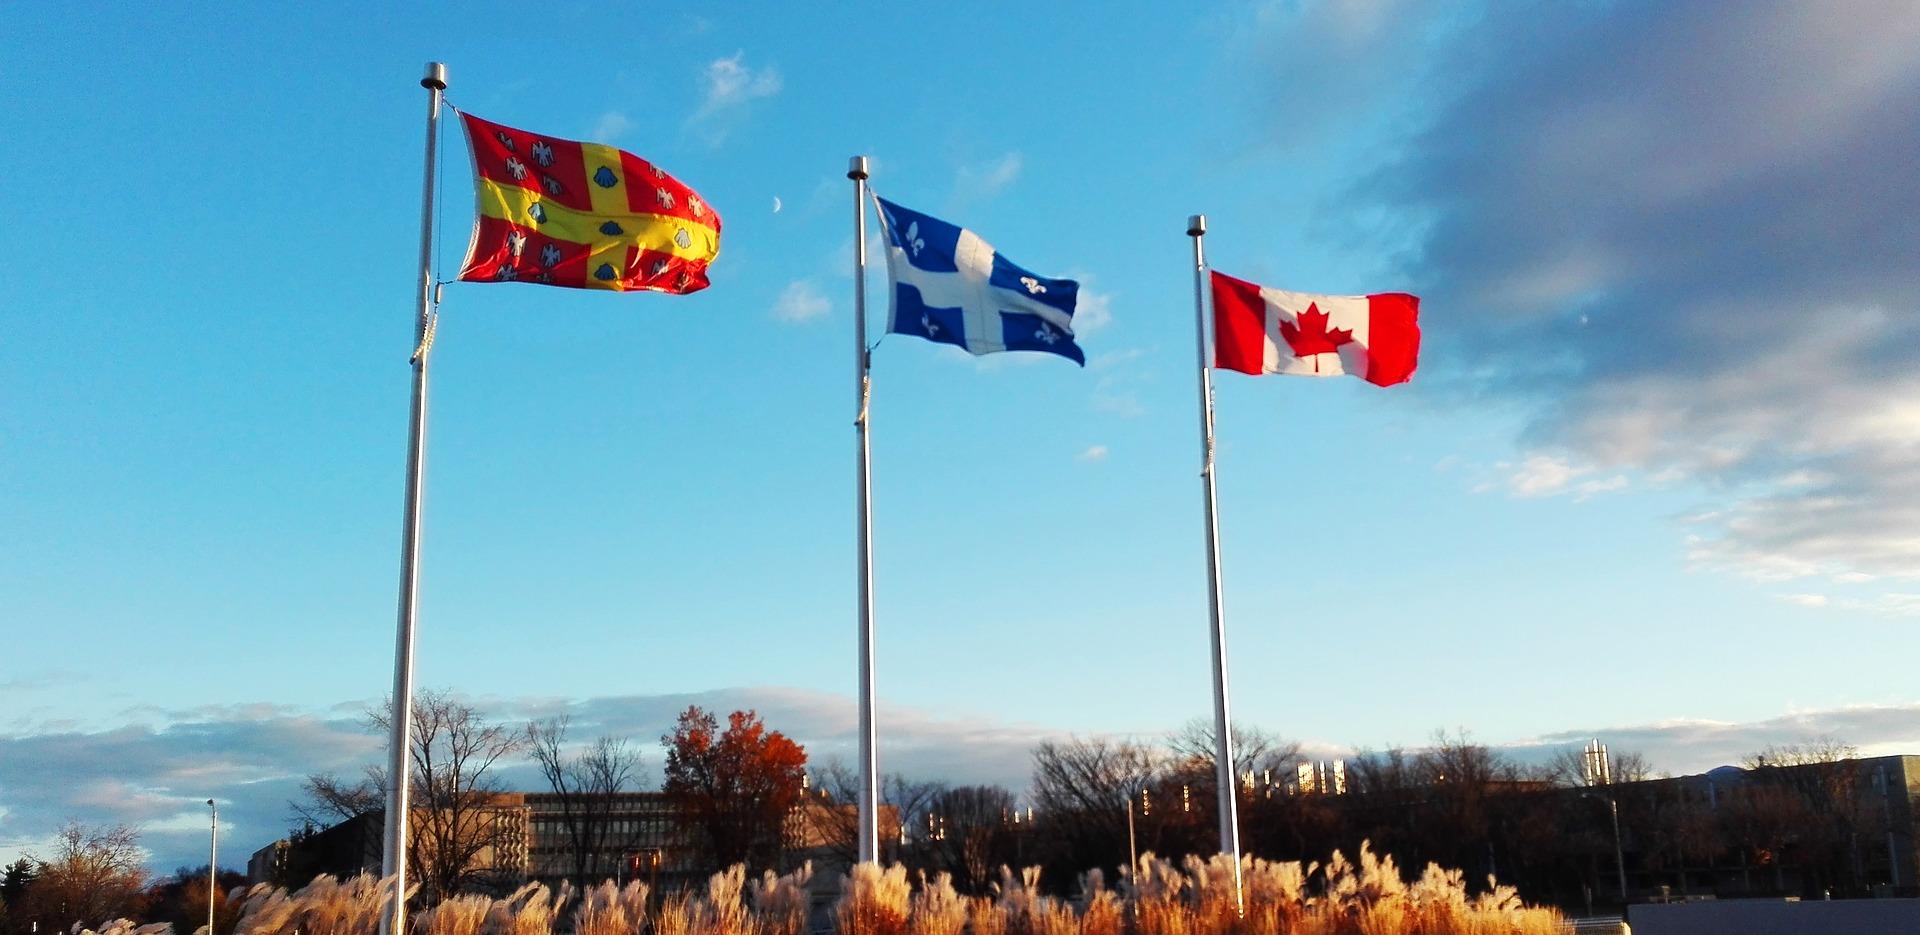 Hàng trăm bác sĩ ở tỉnh Quebec đặc trọng đến dịch vụ công, họ đã mãn nguyện với tiền lương của họ.